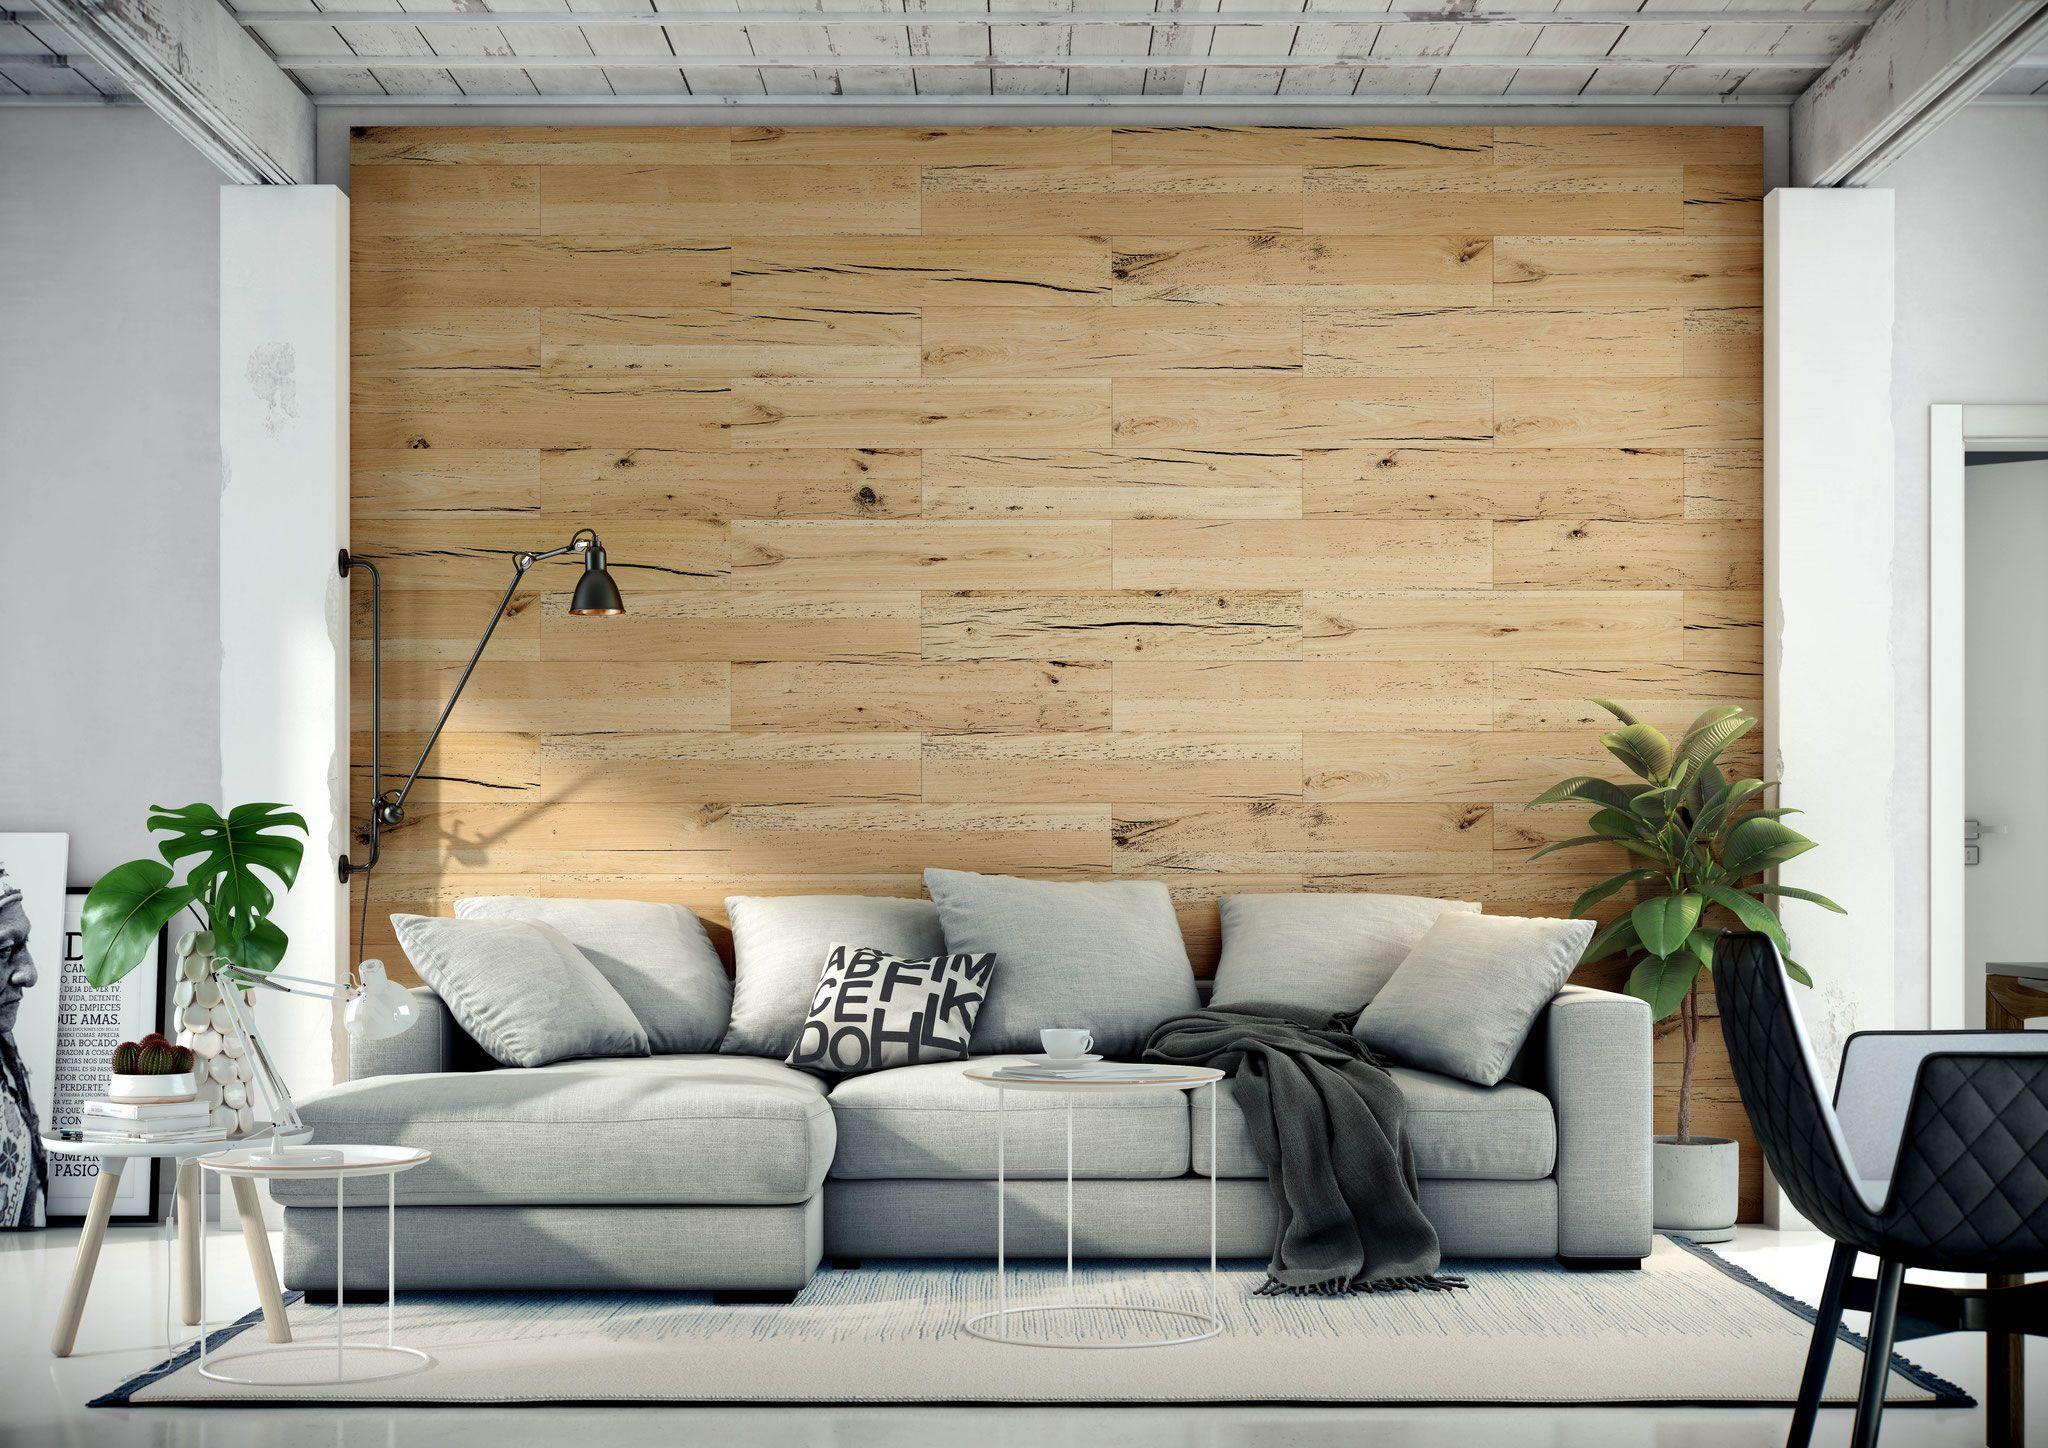 Wandverkleidung Aus Echtholz Eiche Holz Wohnzimmer Wand Mit Holz Verkleiden Wandverkleidung Holz